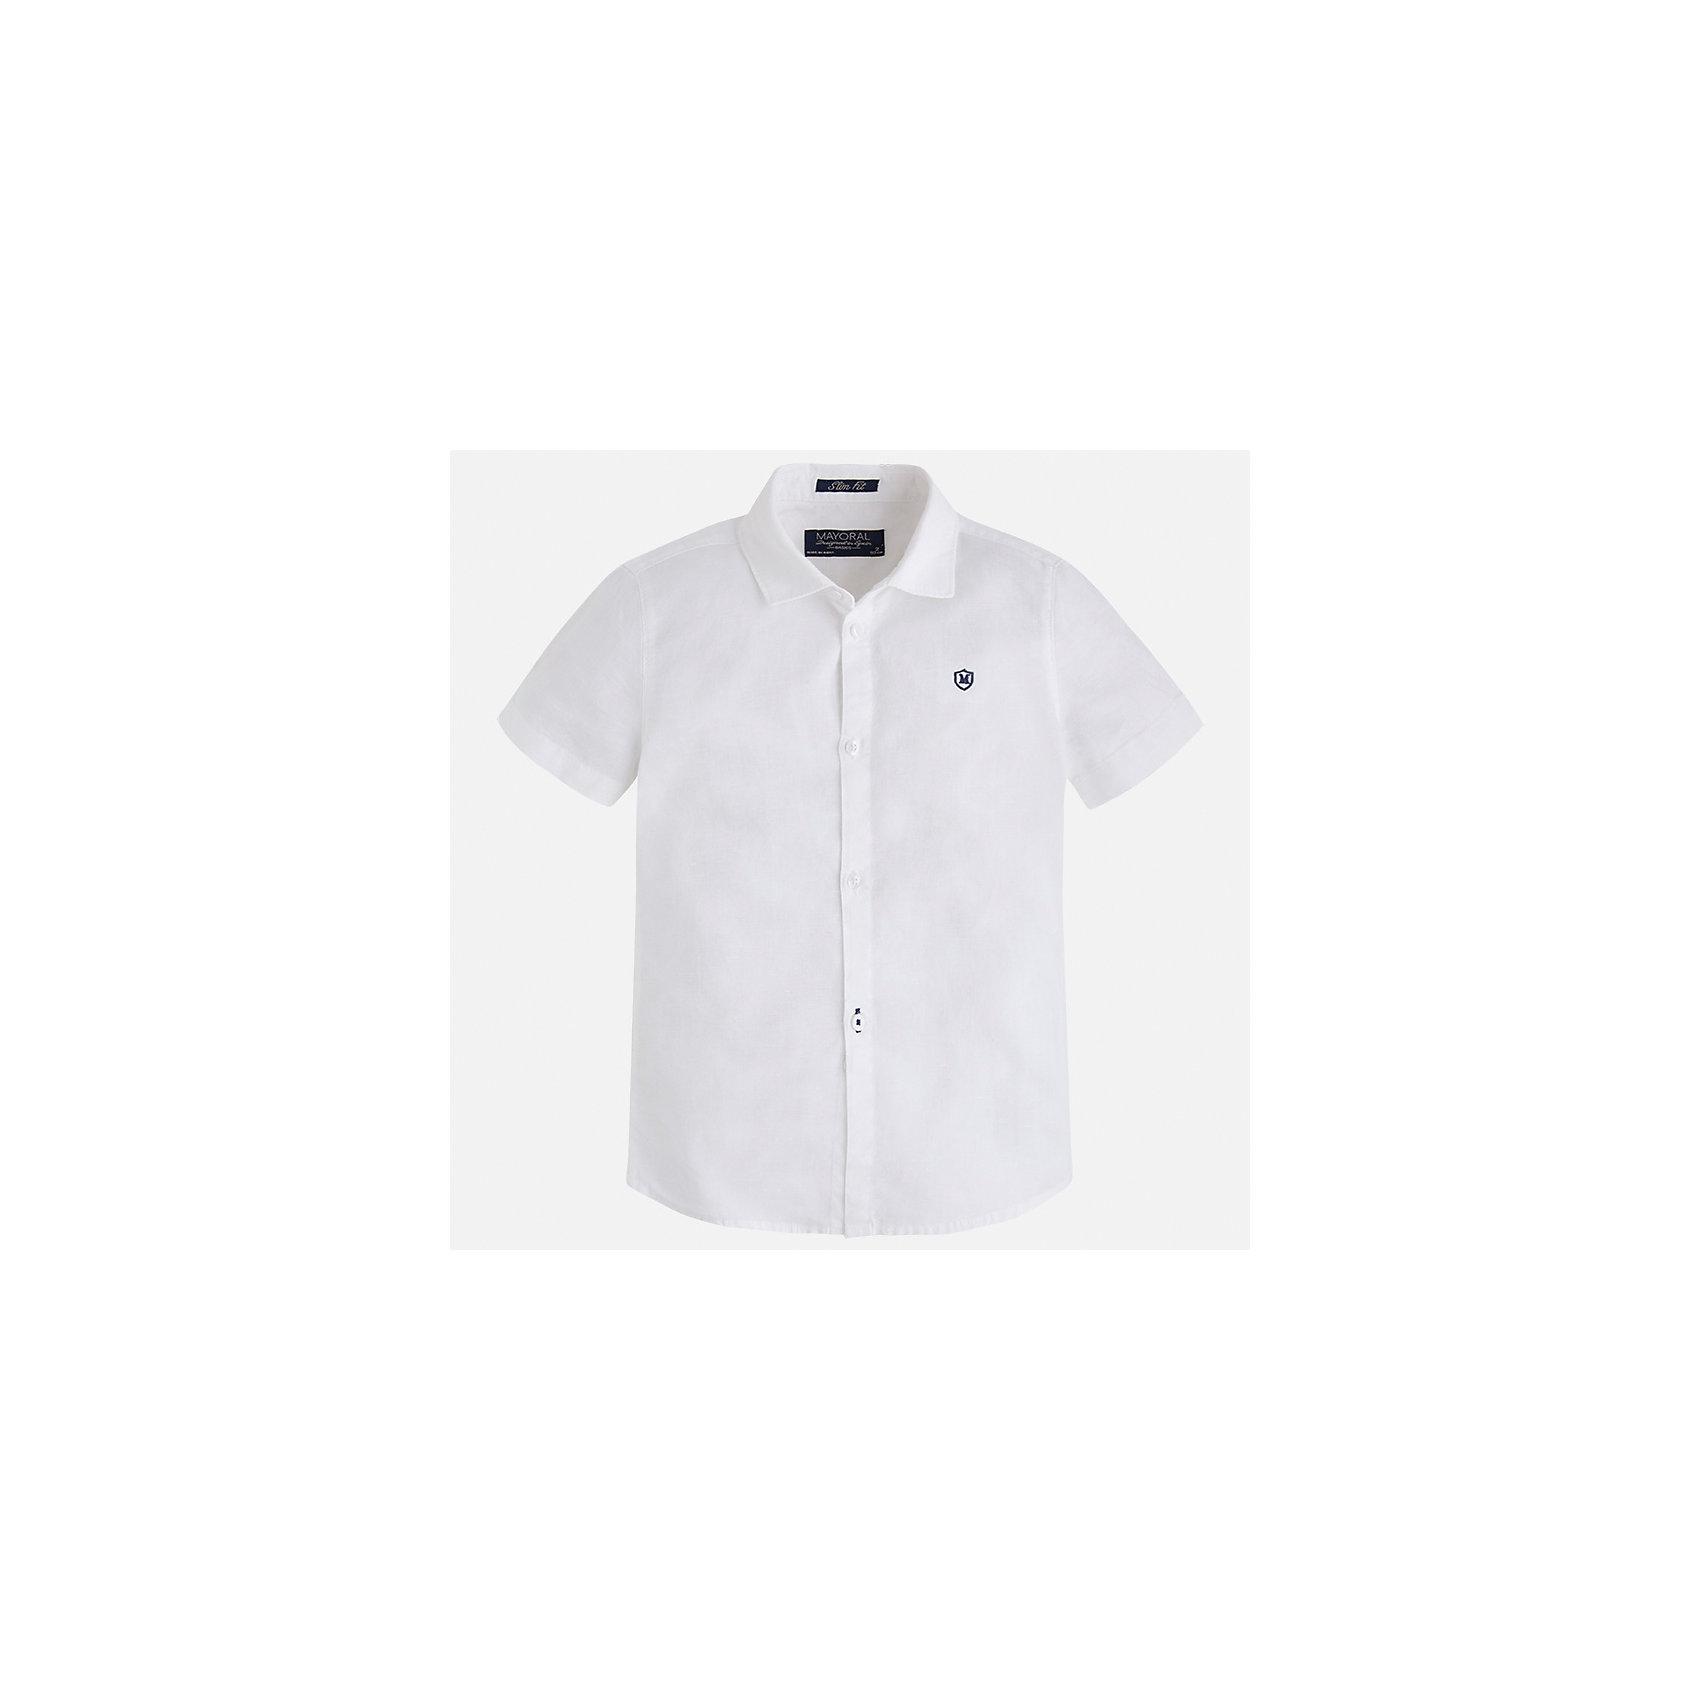 Рубашка для мальчика MayoralОдежда<br>Характеристики товара:<br><br>• цвет: белый<br>• состав: 70% хлопок, 30% лен<br>• отложной воротник<br>• короткие рукава<br>• застежка: пуговицы<br>• вышивка на груди<br>• страна бренда: Испания<br><br>Удобная и модная рубашка для мальчика может стать базовой вещью в гардеробе ребенка. Она отлично сочетается с брюками, шортами, джинсами и т.д. Универсальный крой и цвет позволяет подобрать к вещи низ разных расцветок. Практичное и стильное изделие! В составе материала - натуральный хлопок, гипоаллергенный, приятный на ощупь, дышащий.<br><br>Одежда, обувь и аксессуары от испанского бренда Mayoral полюбились детям и взрослым по всему миру. Модели этой марки - стильные и удобные. Для их производства используются только безопасные, качественные материалы и фурнитура. Порадуйте ребенка модными и красивыми вещами от Mayoral! <br><br>Рубашку для мальчика от испанского бренда Mayoral (Майорал) можно купить в нашем интернет-магазине.<br><br>Ширина мм: 174<br>Глубина мм: 10<br>Высота мм: 169<br>Вес г: 157<br>Цвет: белый<br>Возраст от месяцев: 18<br>Возраст до месяцев: 24<br>Пол: Мужской<br>Возраст: Детский<br>Размер: 122,116,110,104,98,92,134,128<br>SKU: 5277695